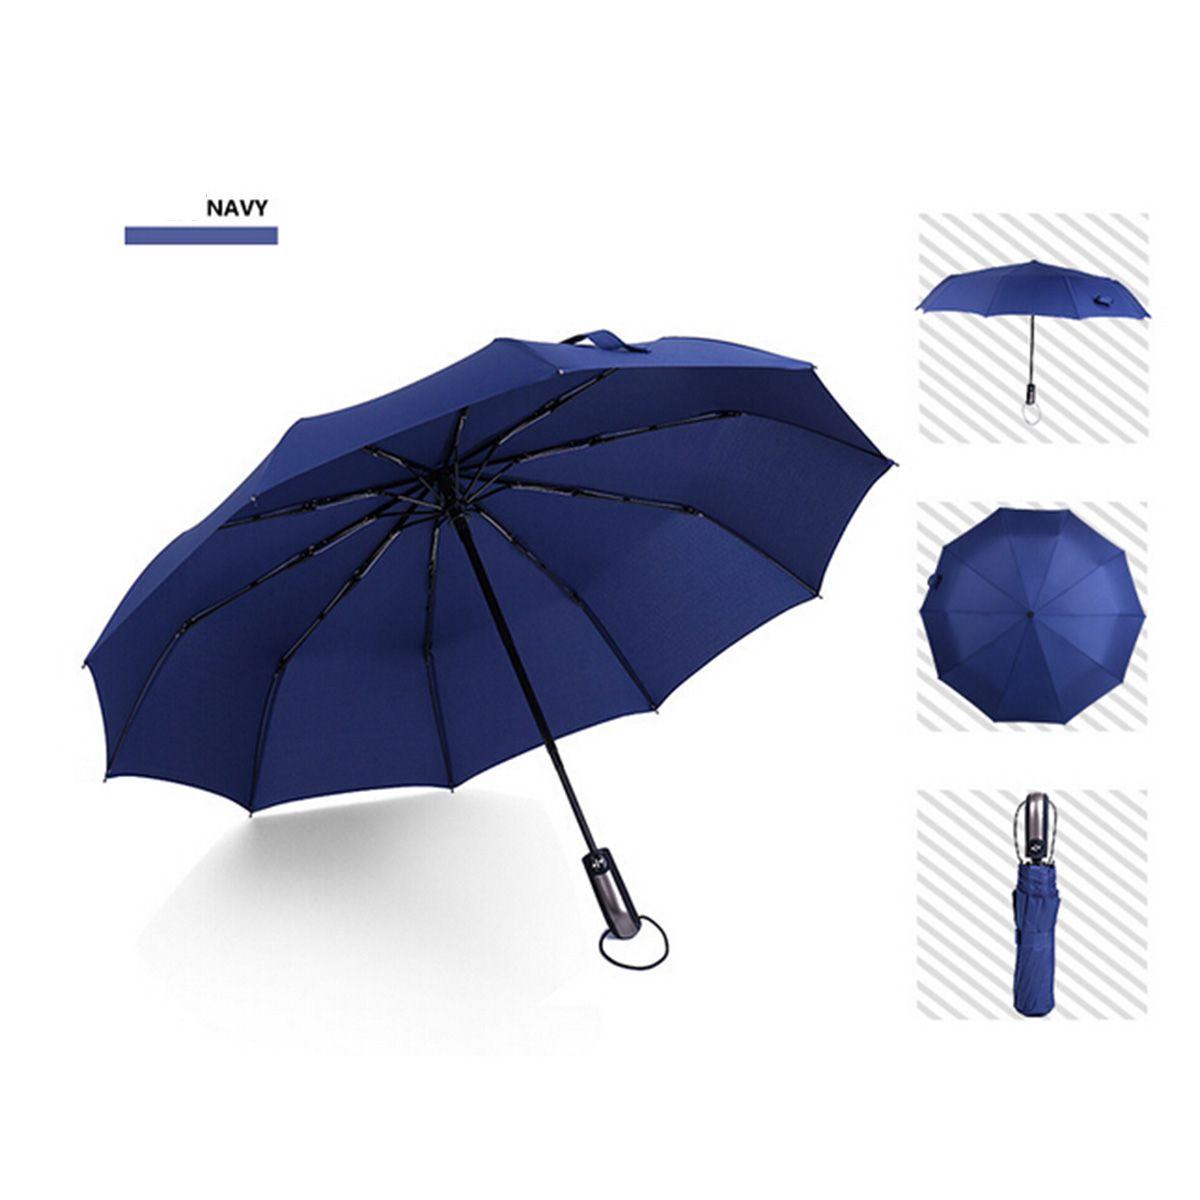 0174b5ec498a Wind Resistant Folding Automatic Umbrella Rain Women Auto Luxury Big  Windproof Umbrellas Rain For Men Black Coating 10K Parasol DHL